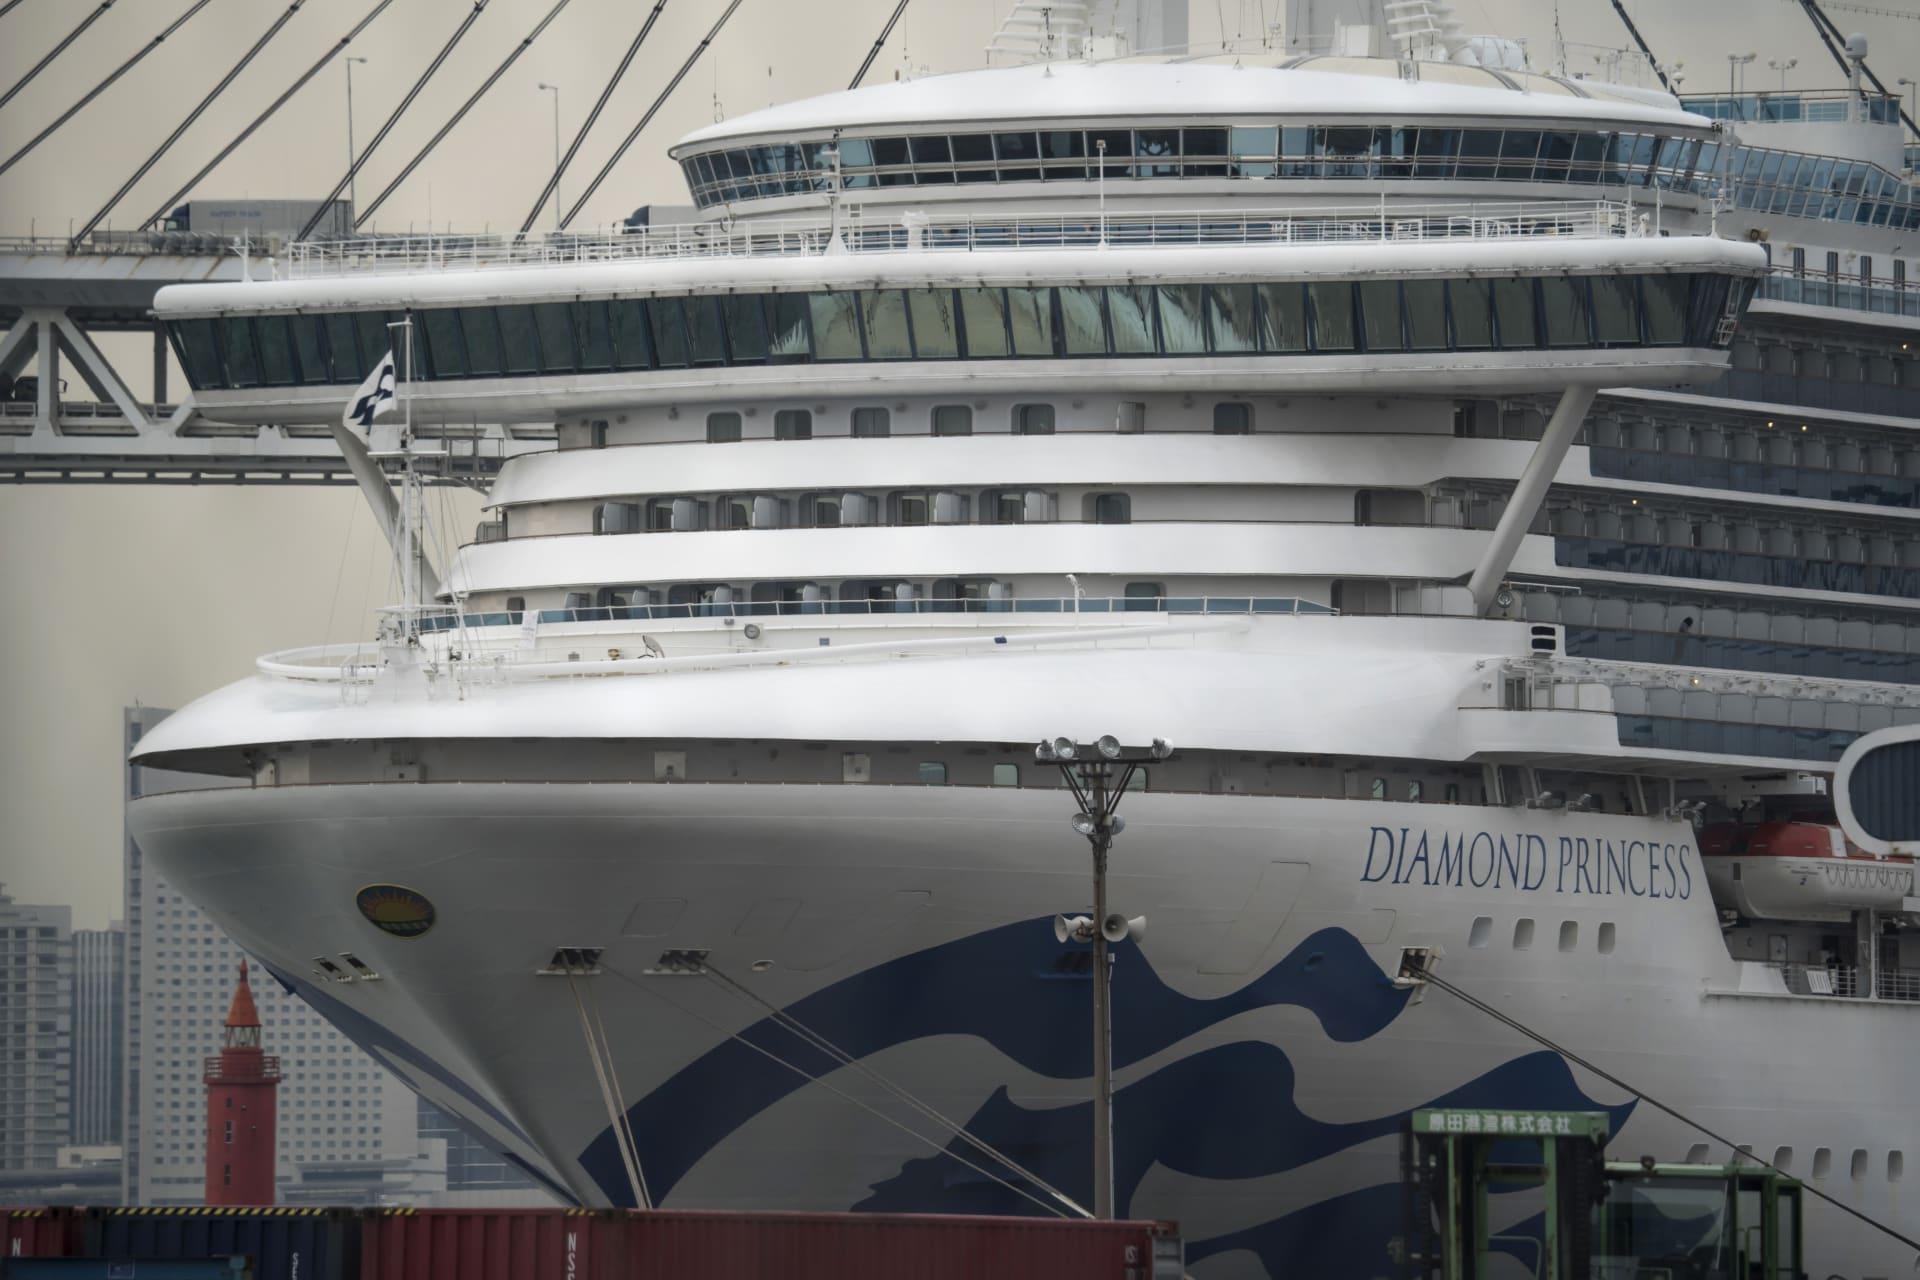 السفينة السياحية the Diamond Princess والتي اكتشف على متنها عشرات الإصابات بفيروس كورونا